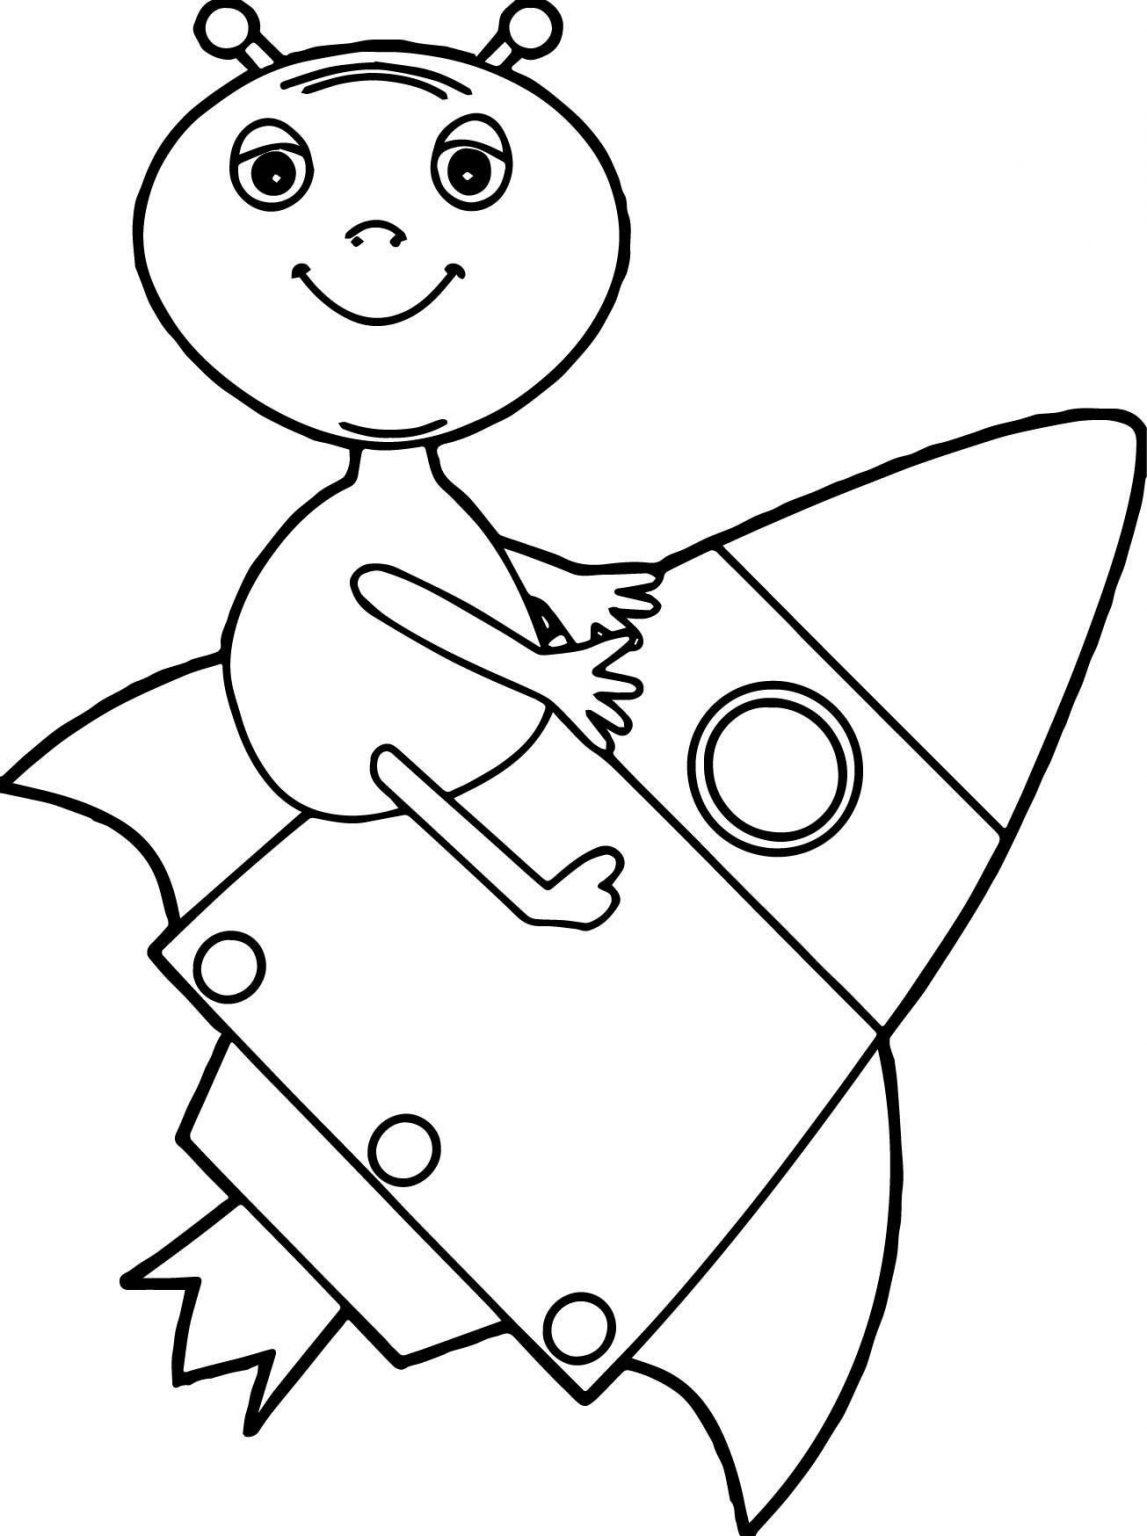 malvorlage rakete  kinderbilderdownload  kinderbilder